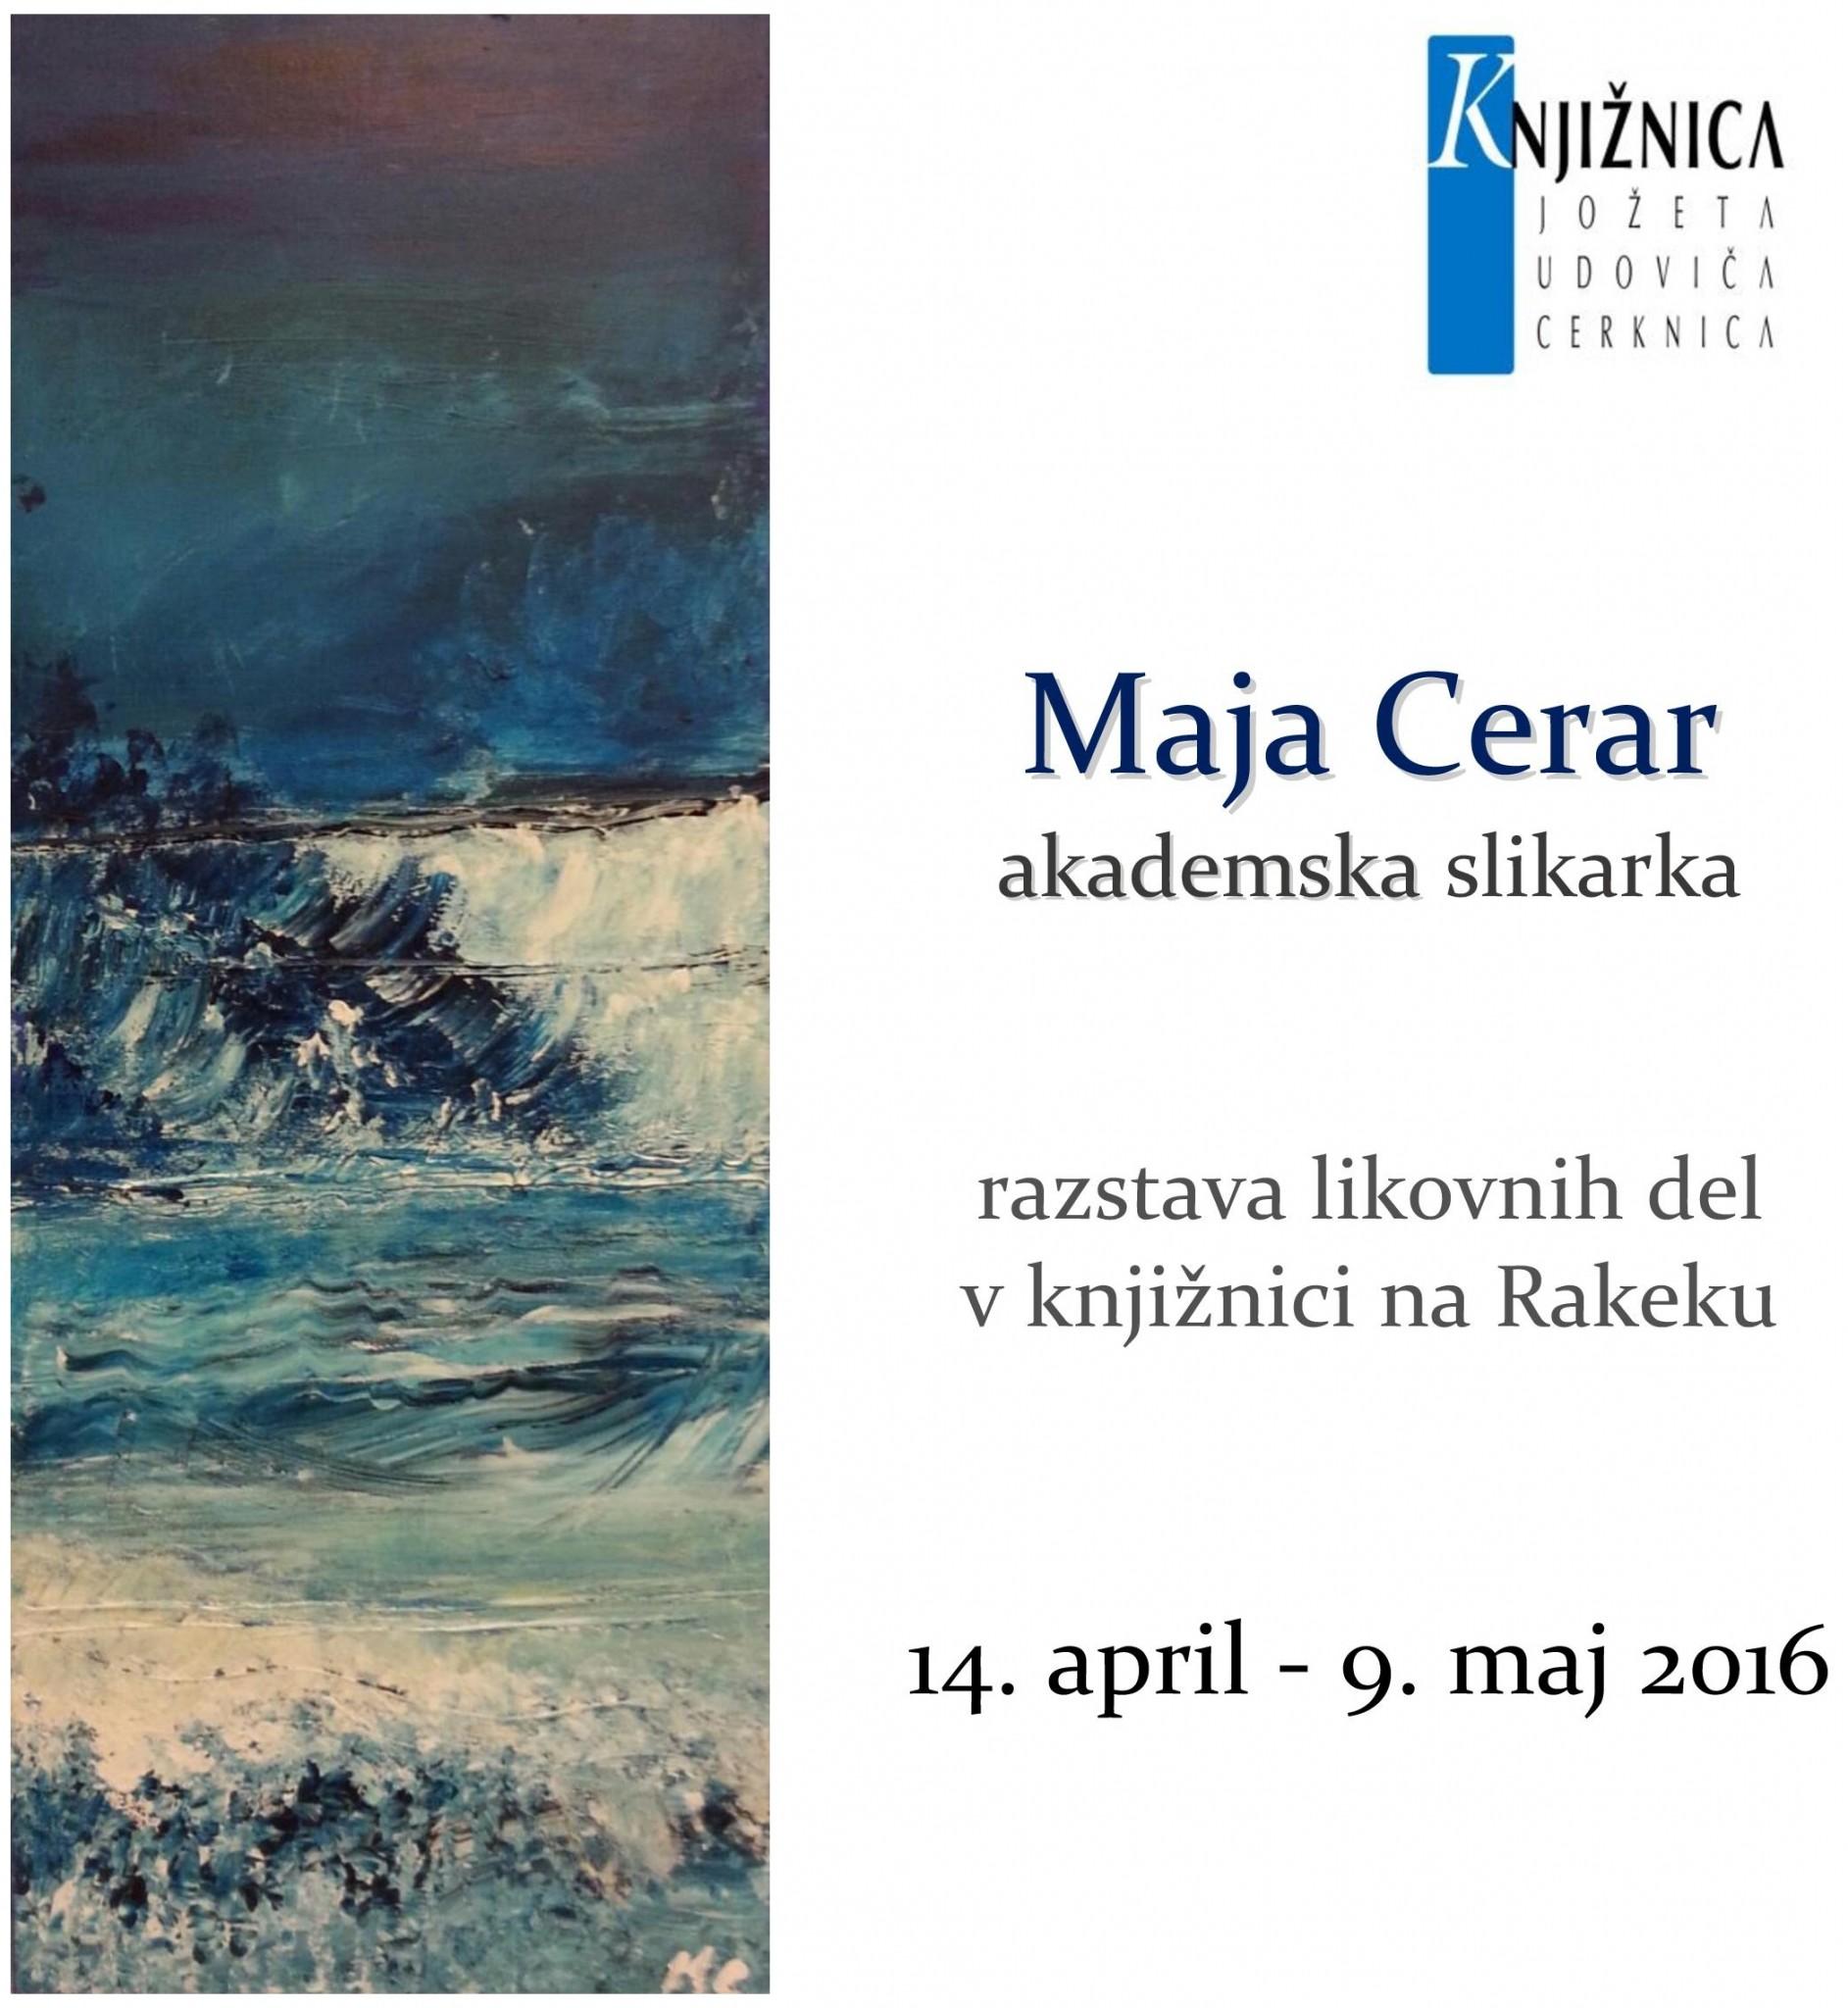 cover 4 - Razstava likovnih del Maje Cerar